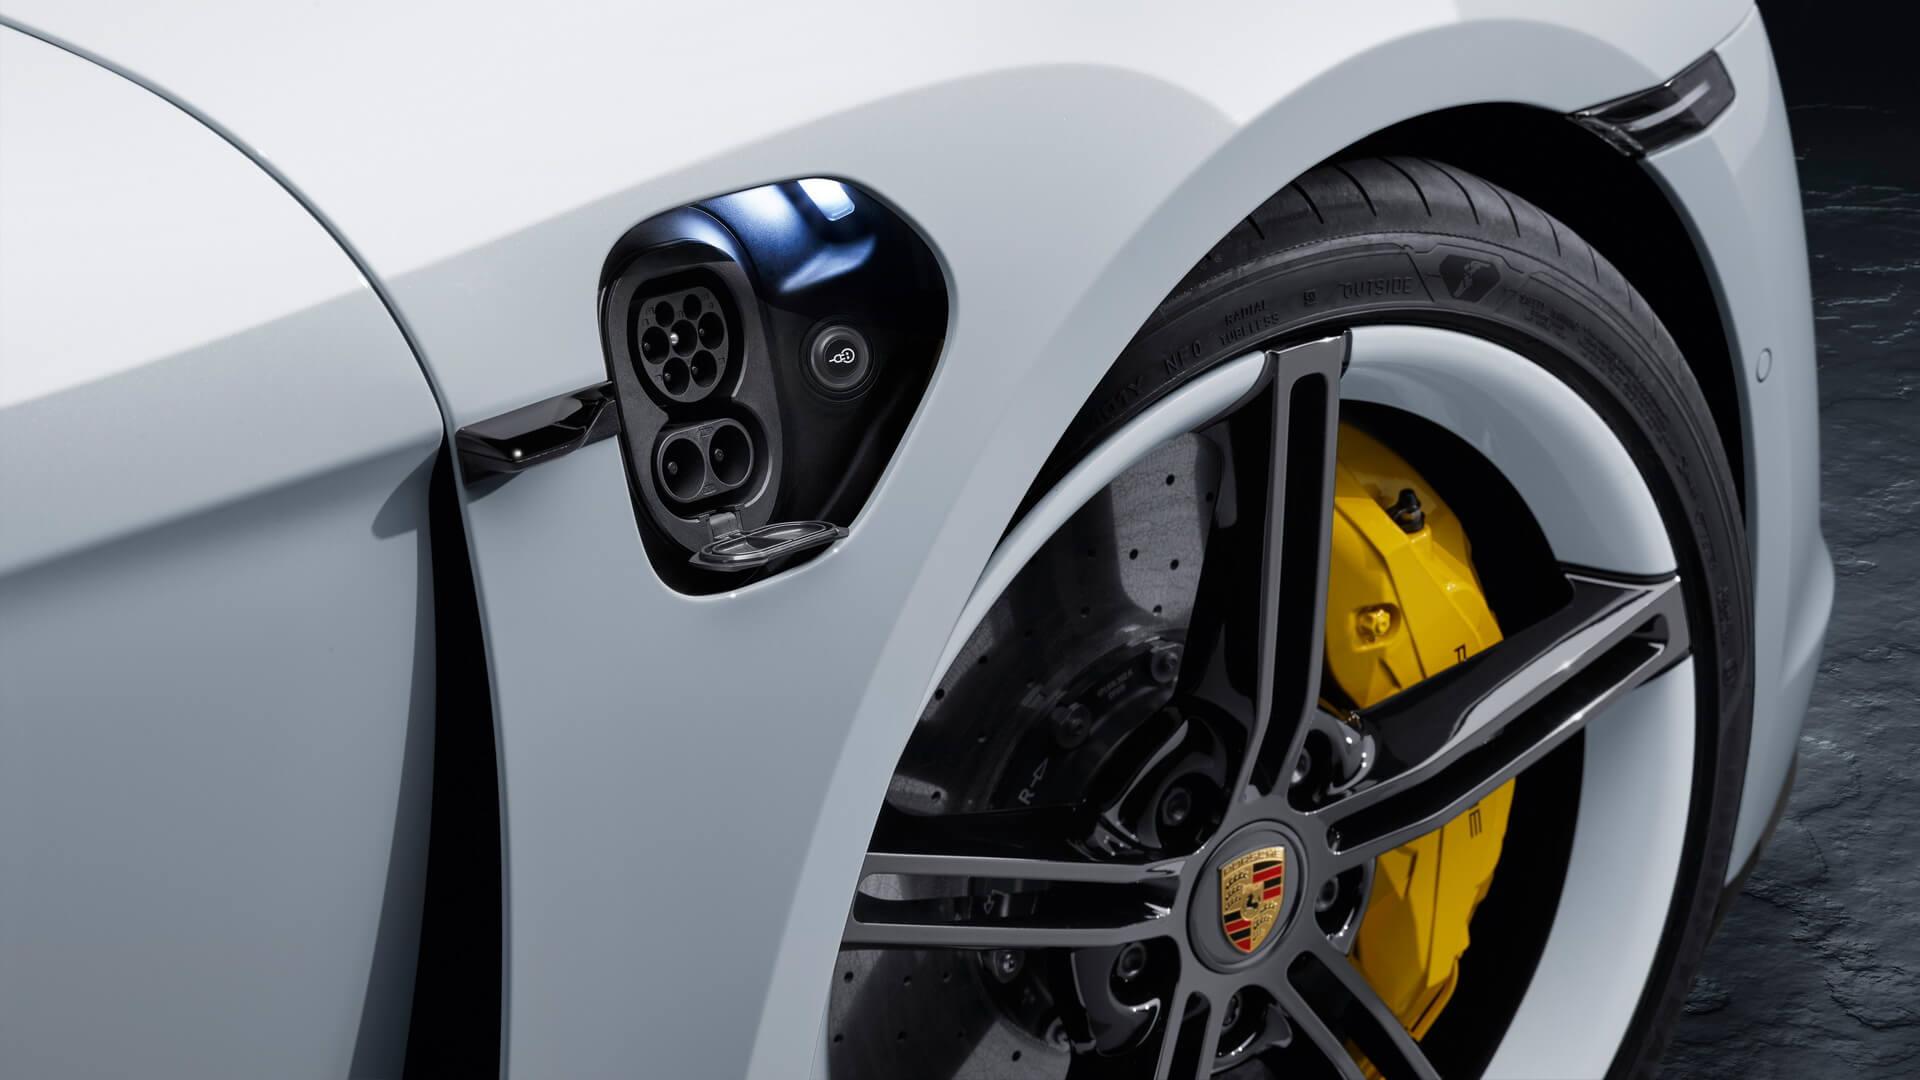 Европейский тип разъема CCS Combo 2 в Porsche Taycan